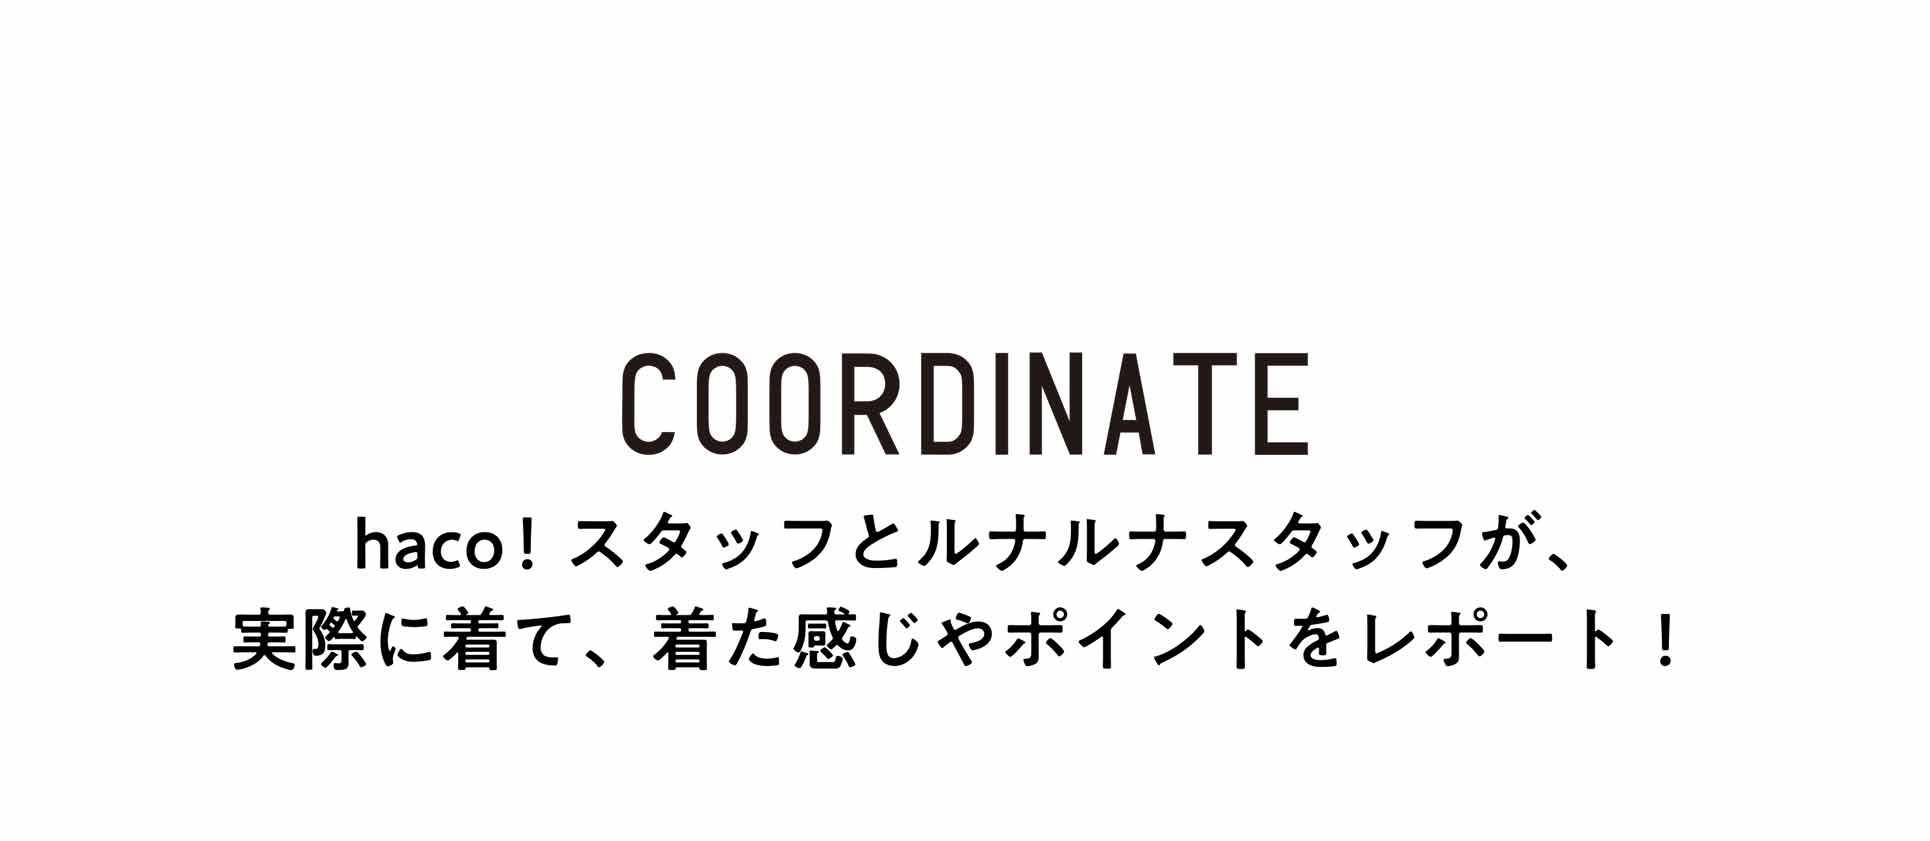 COORDINATE haco!スタッフとルナルナスタッフが、実際に着て、着た感じやポイントをレポート!